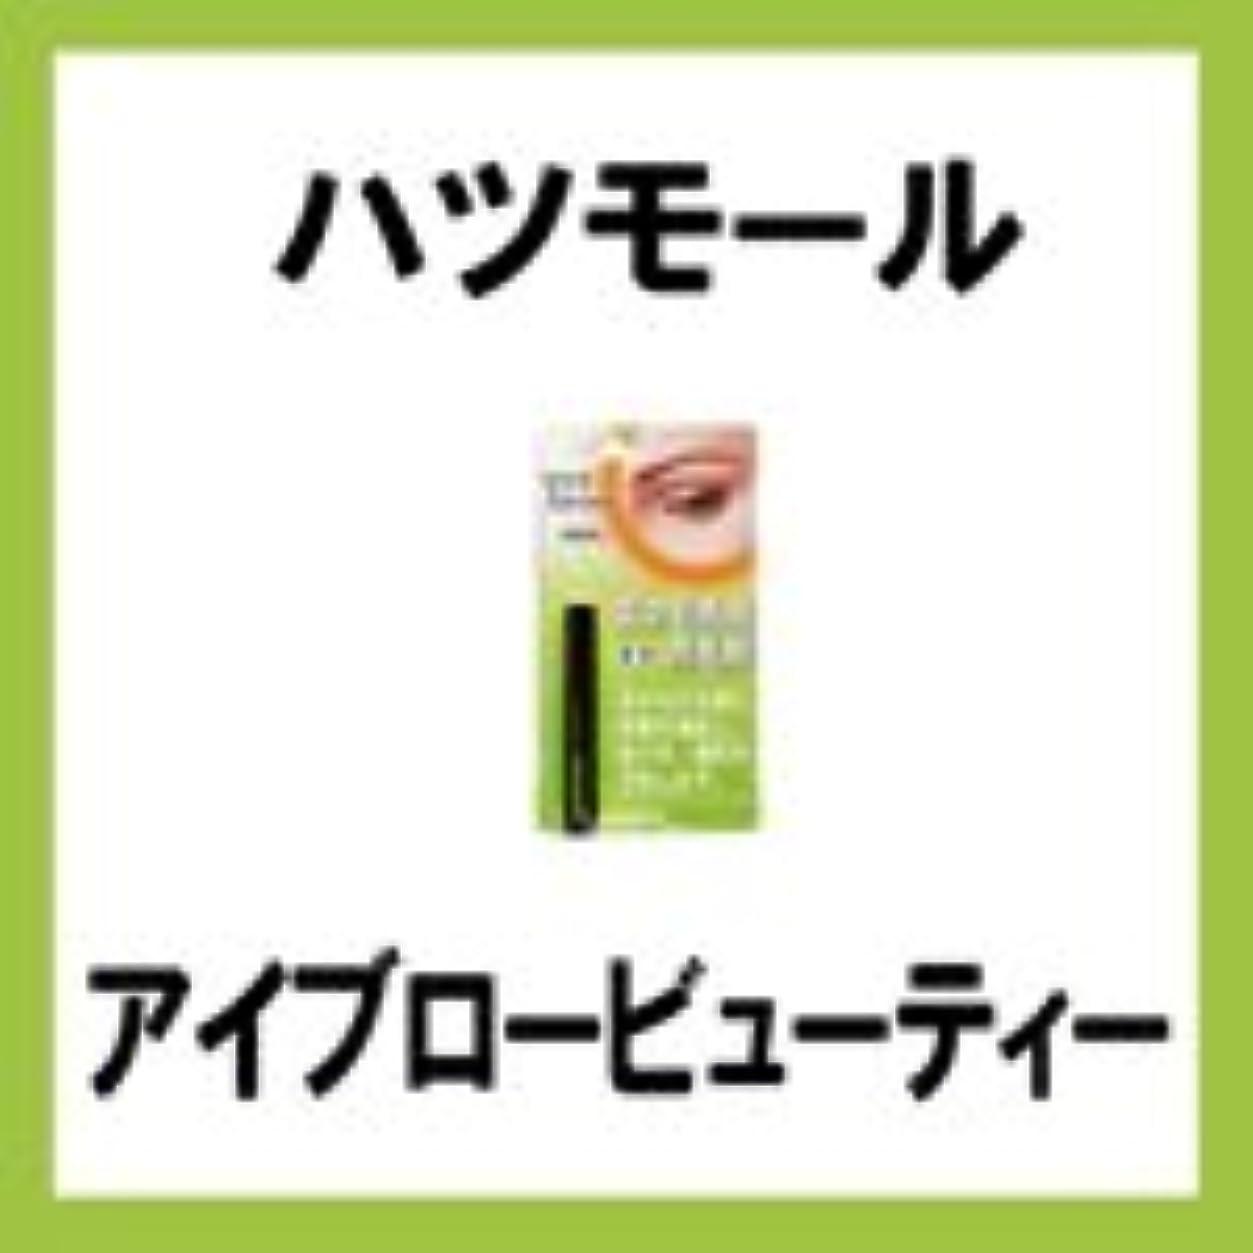 シリーズビジョンシェーバーハツモール アイブロービューティー 6ml 【田村治照堂】